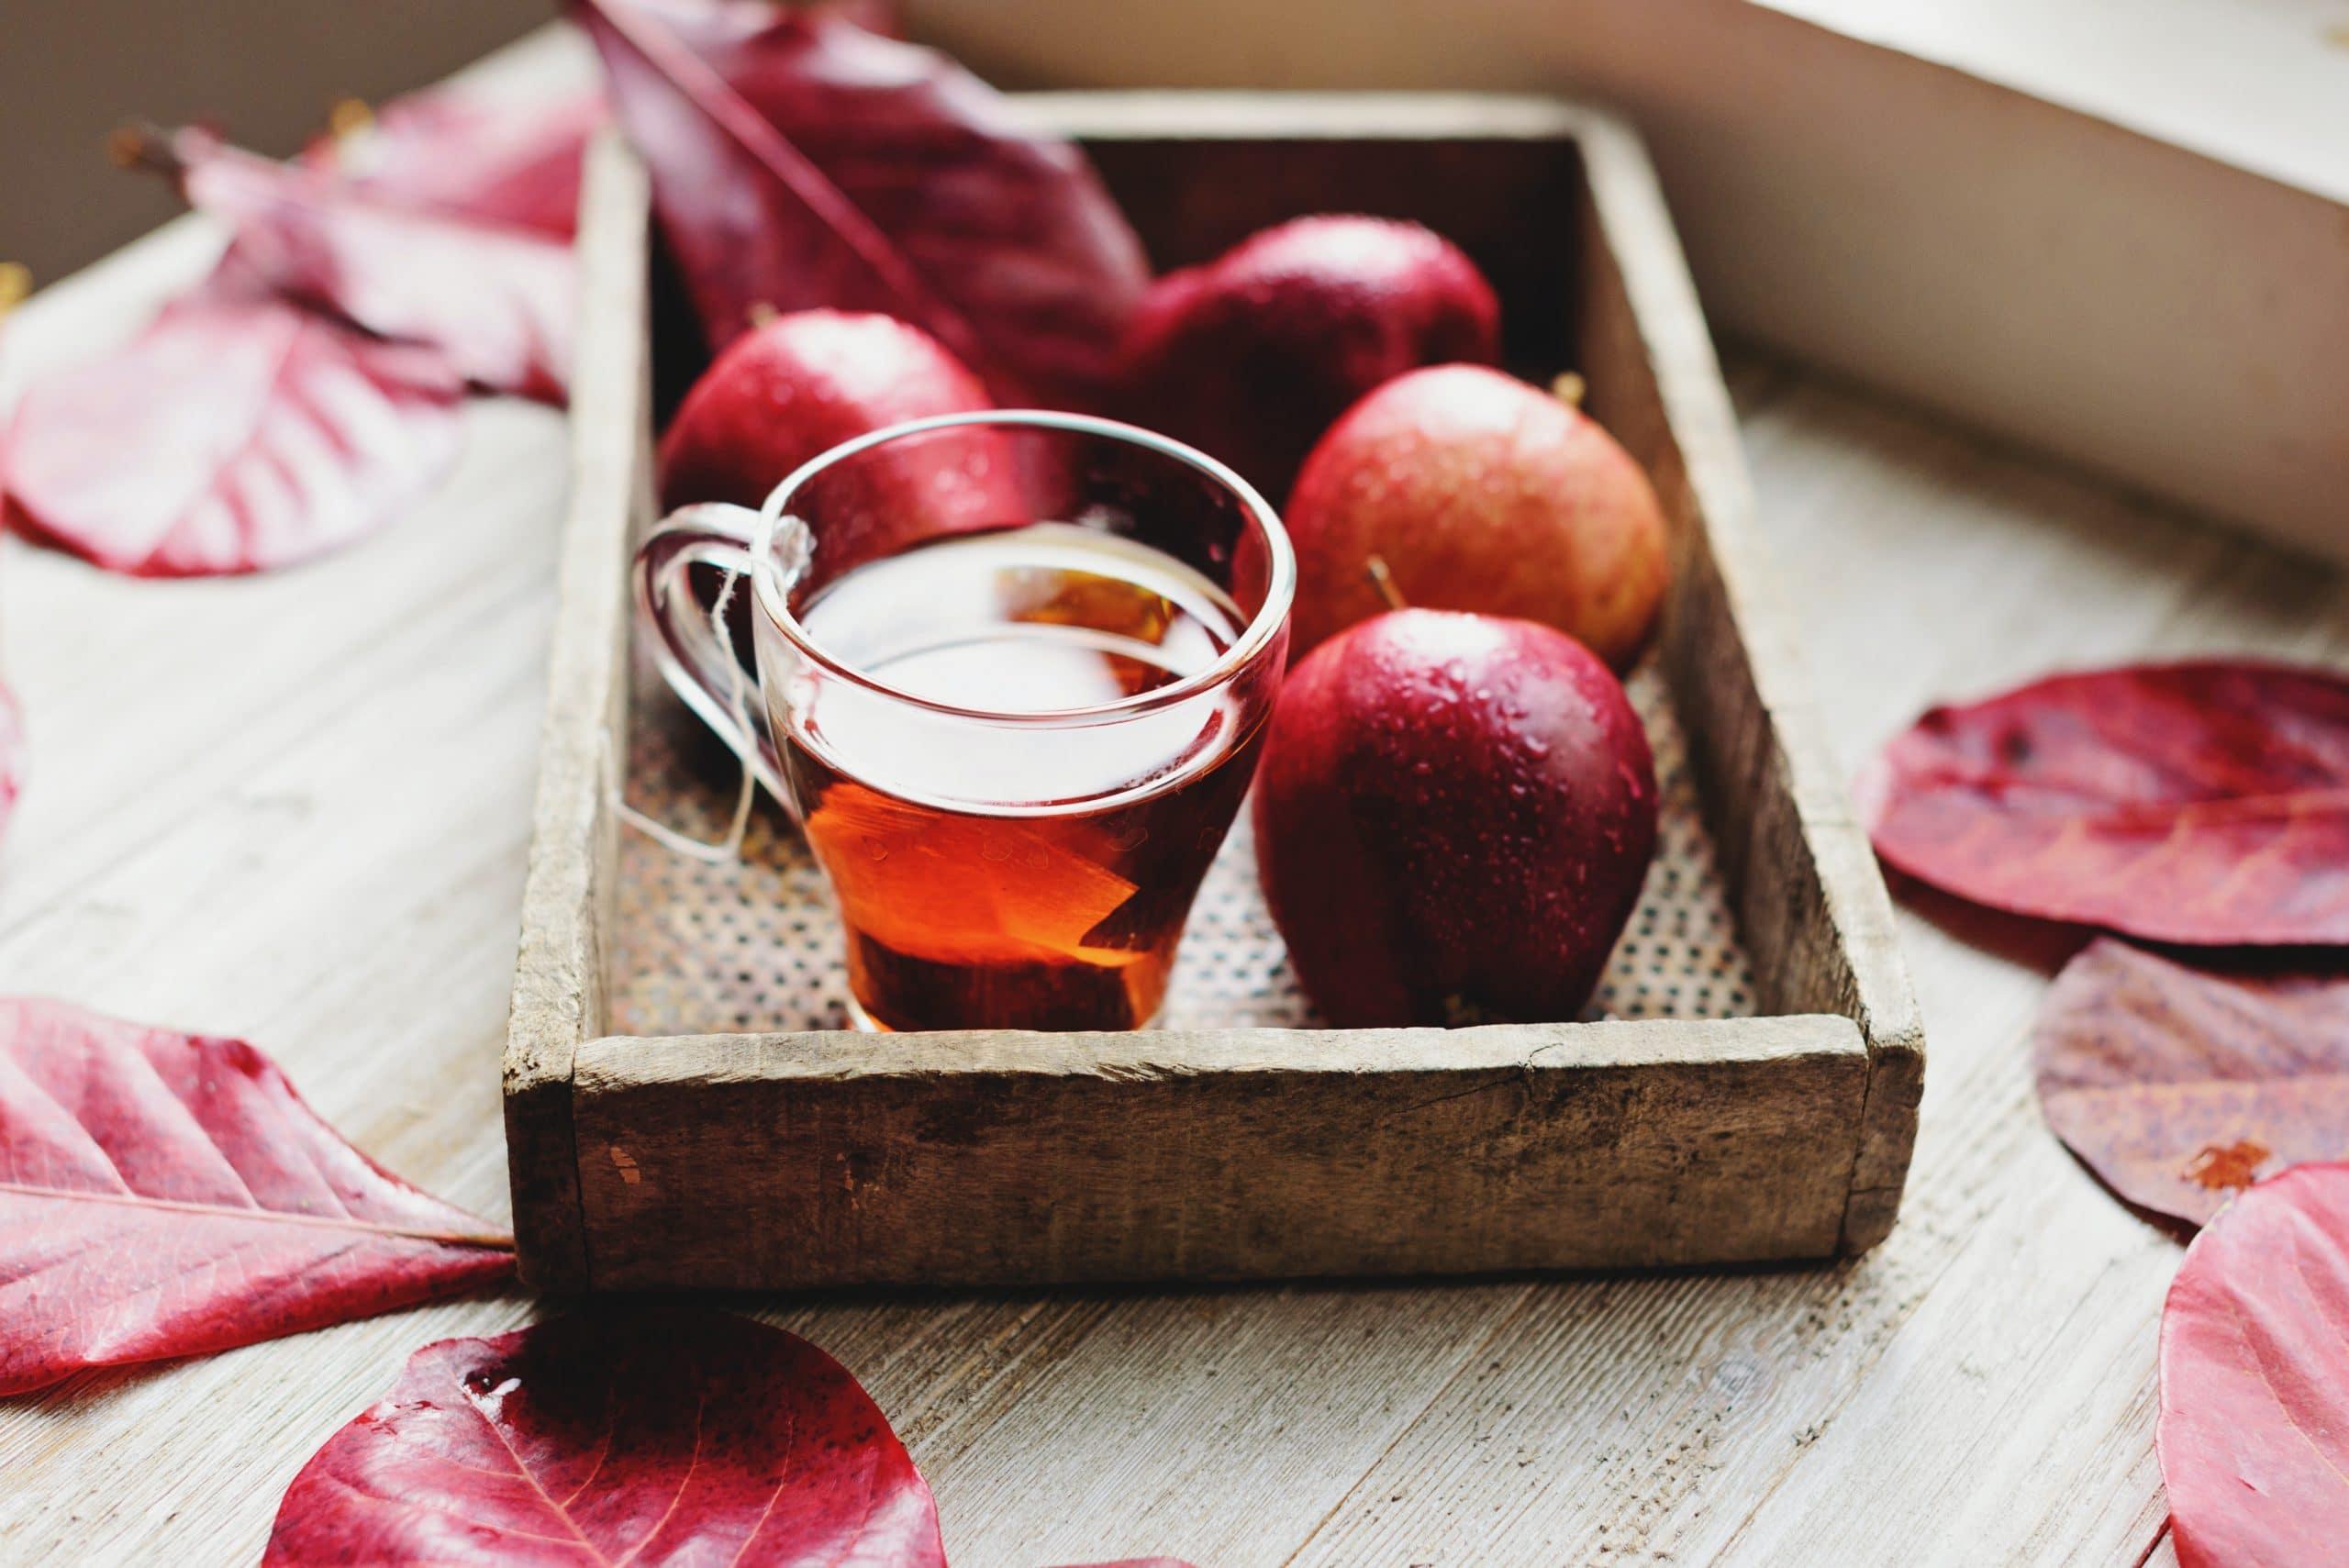 Does Apple Cider Vinegar Go Bad